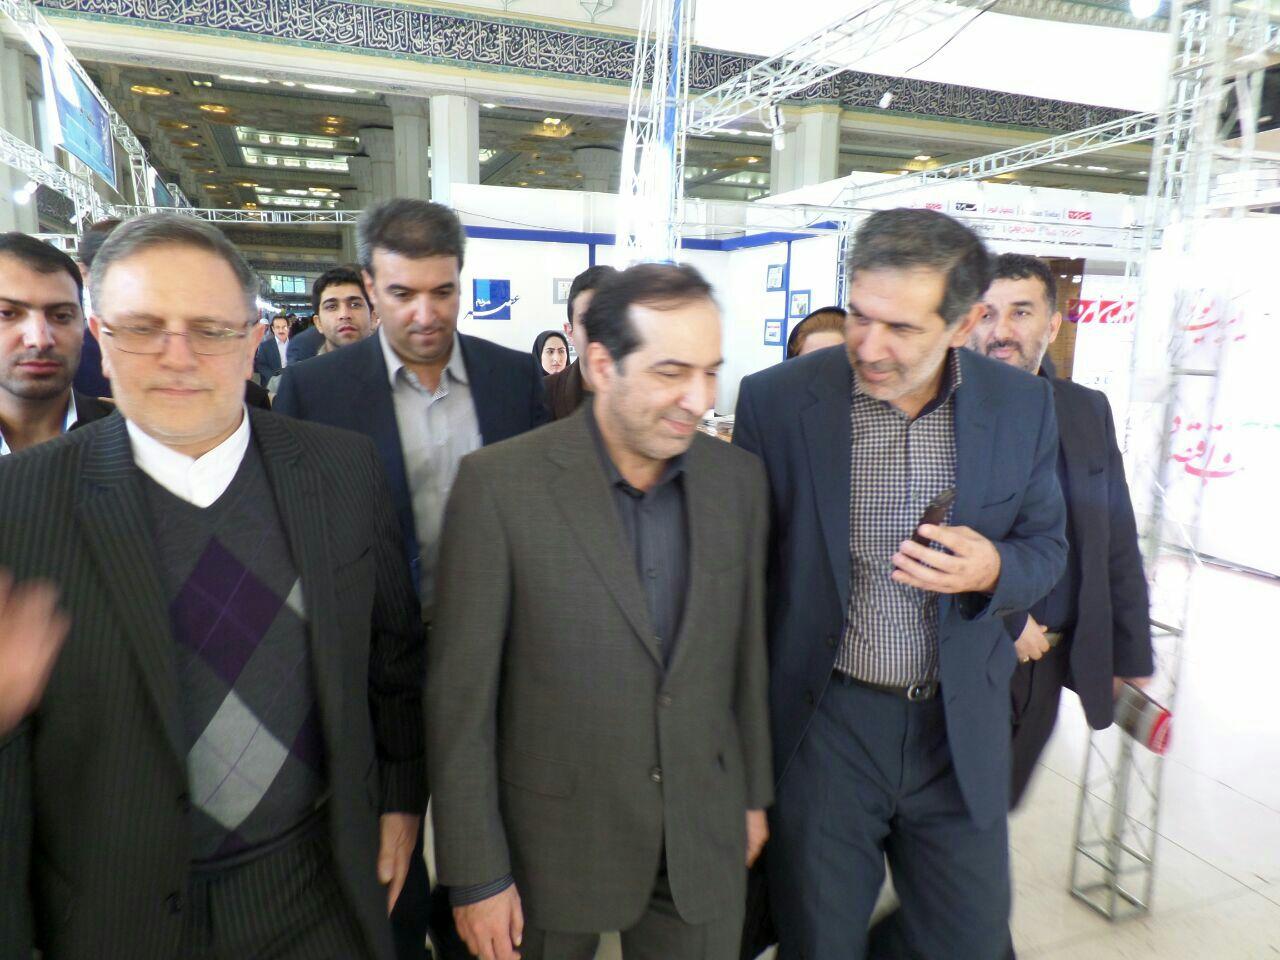 اصحاب رسانه مازندران از نمایشگاه مطبوعات و خبرگزاریها بازدید کردند + گزارش تصویری